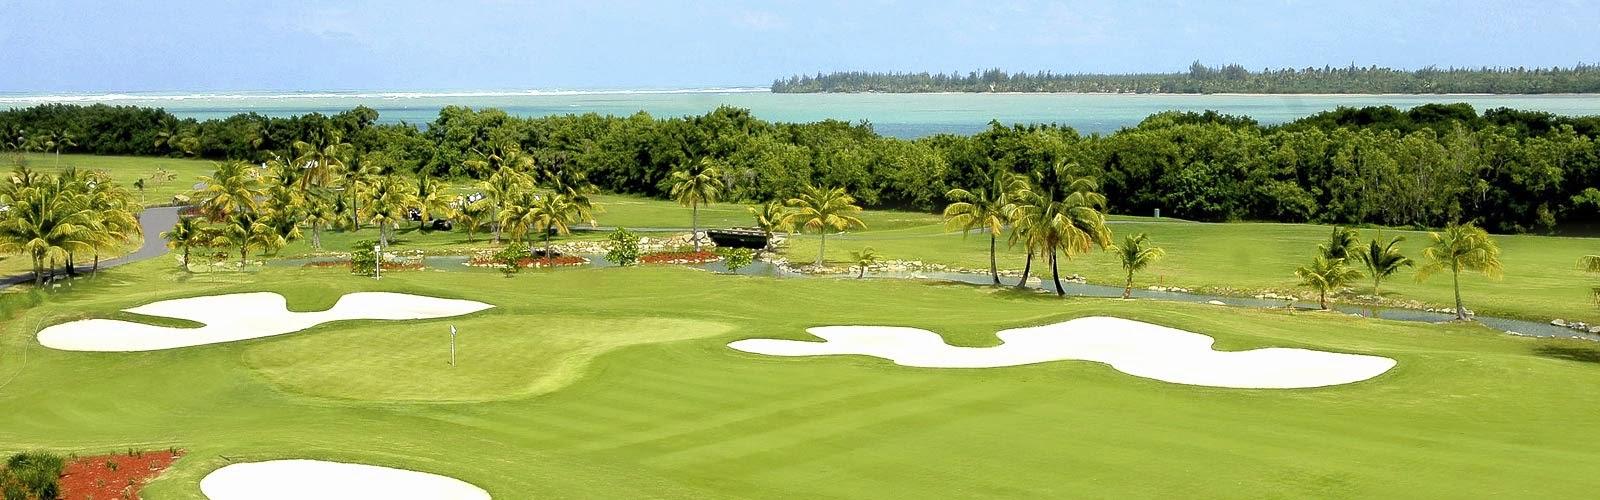 Juega Golf en Puerto Rico